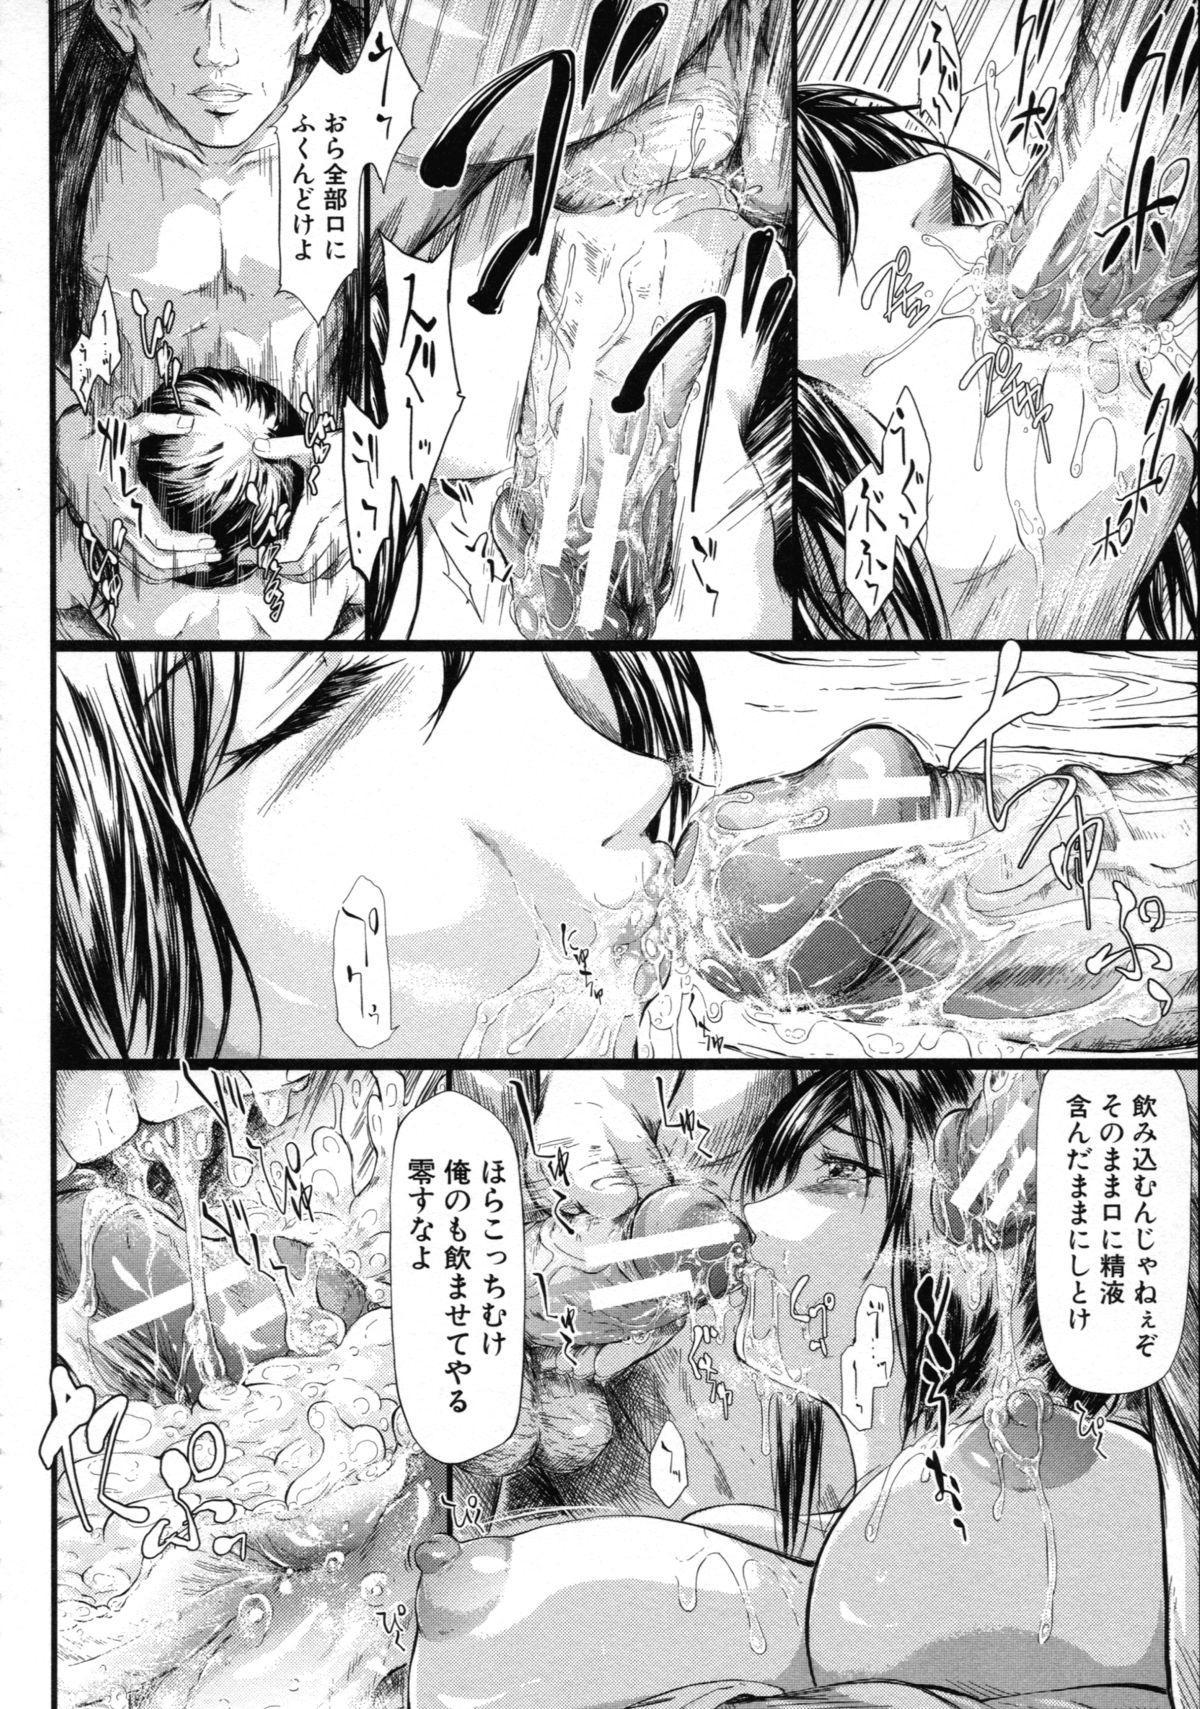 [Shiki Takuto] Tokoharu no Shoujo-tachi - The Girls in the Eternal Spring 144